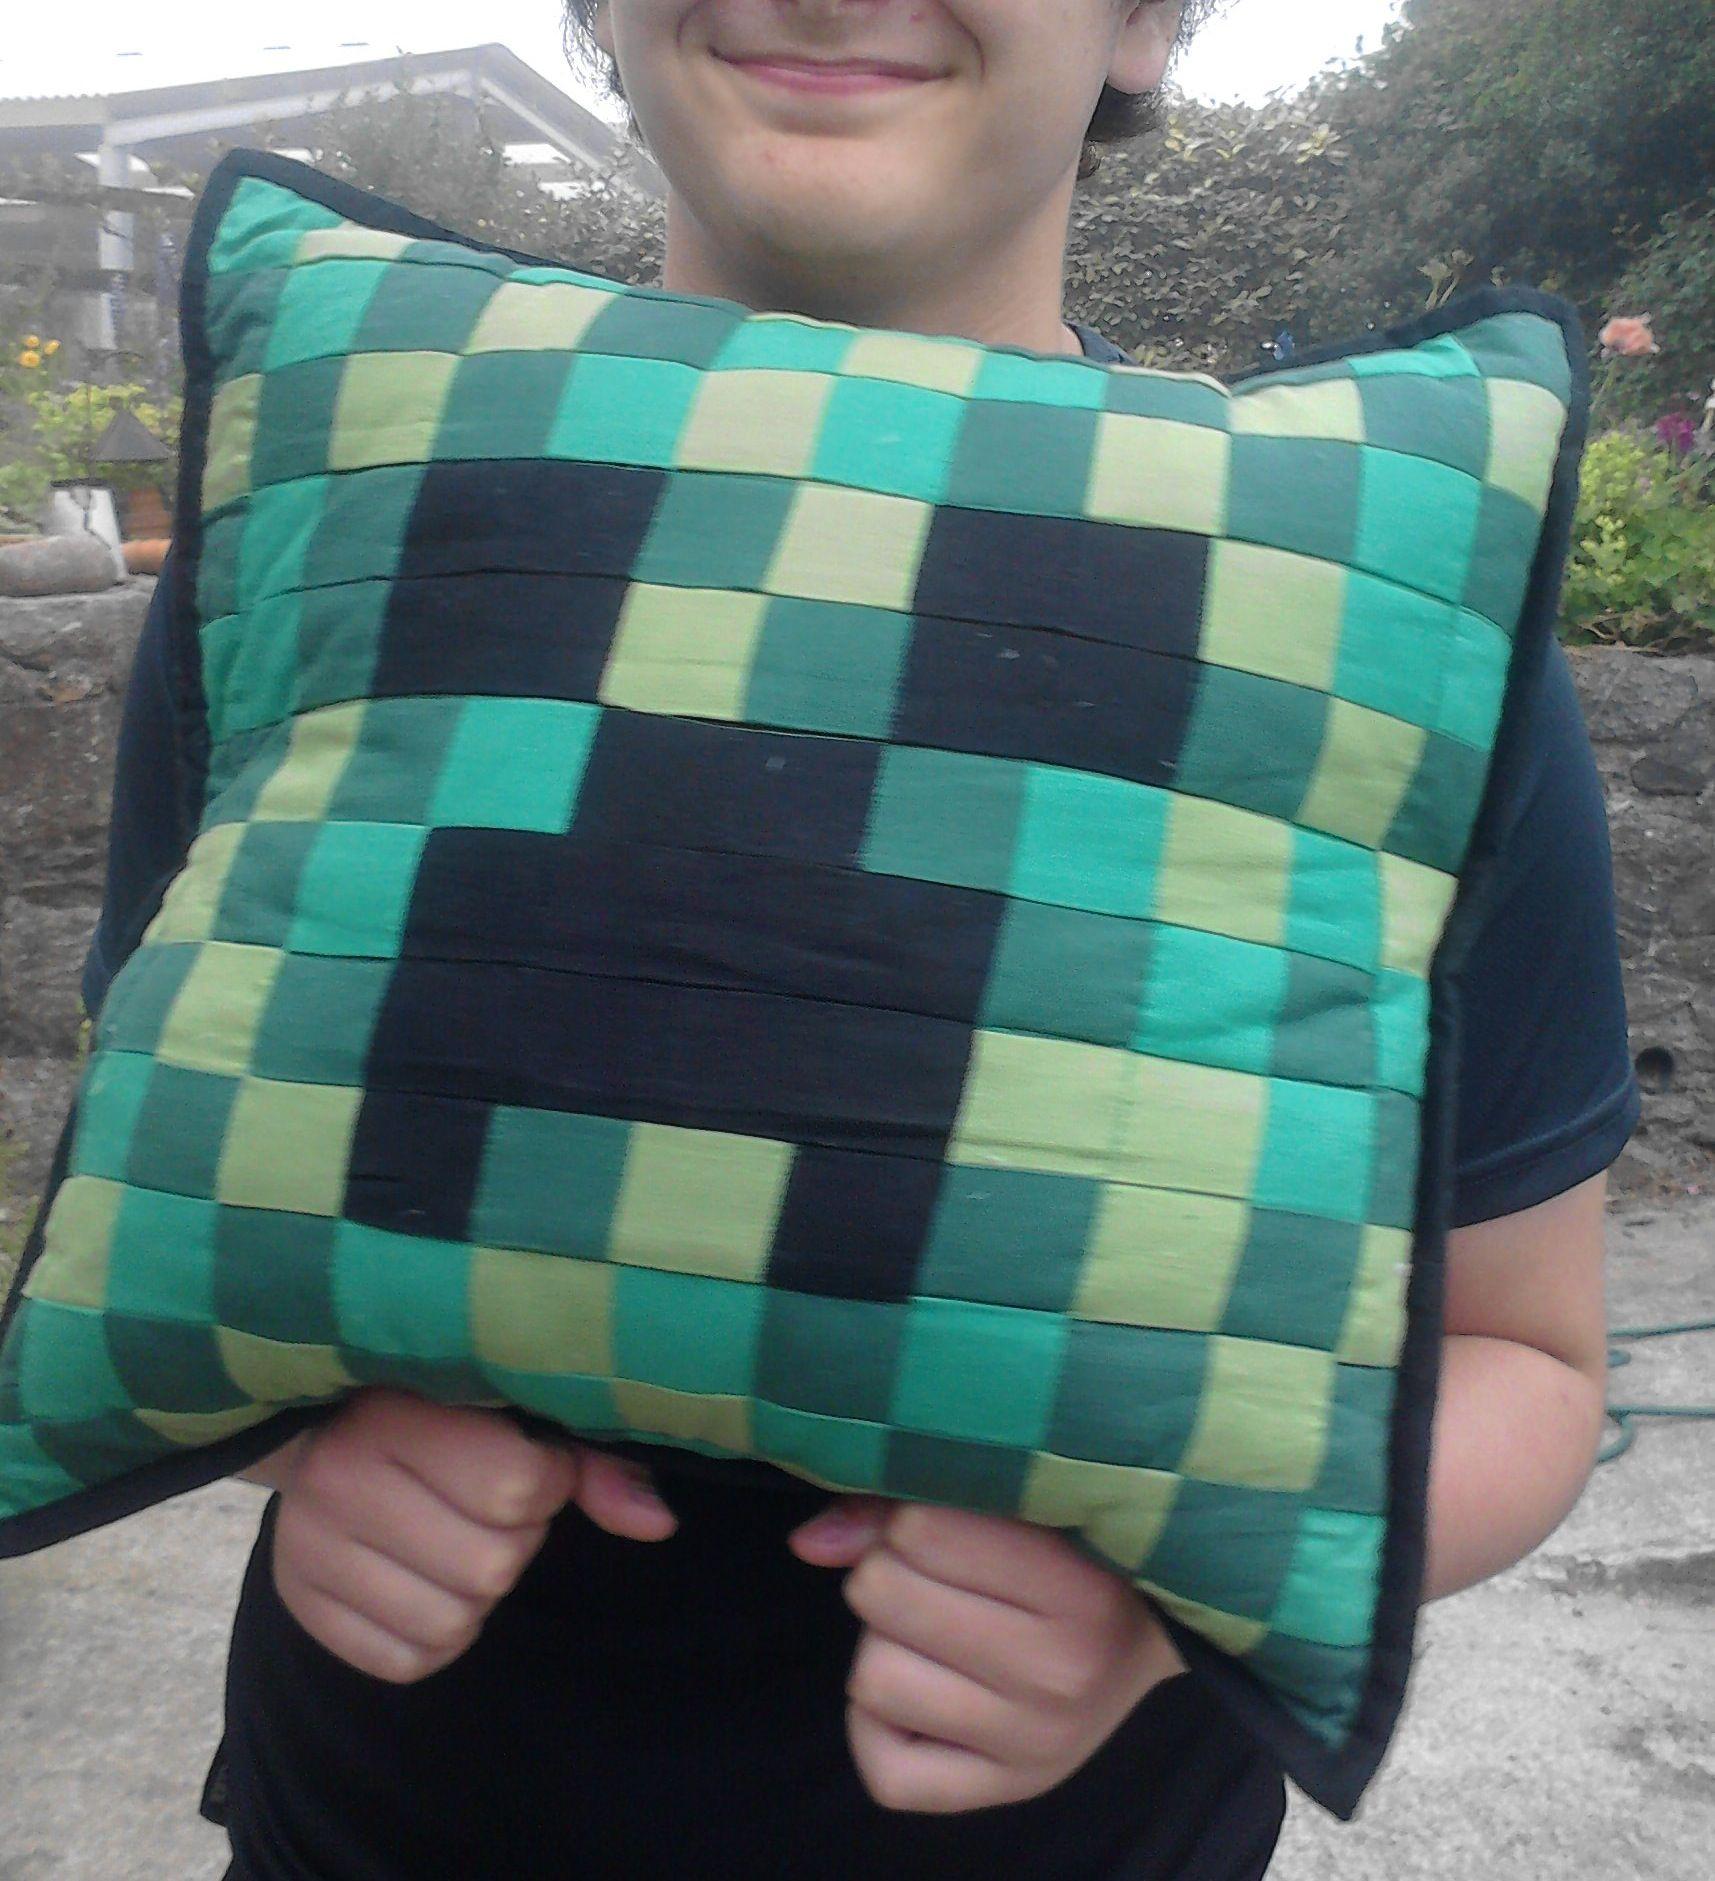 pillow   Minecraft   Pinterest